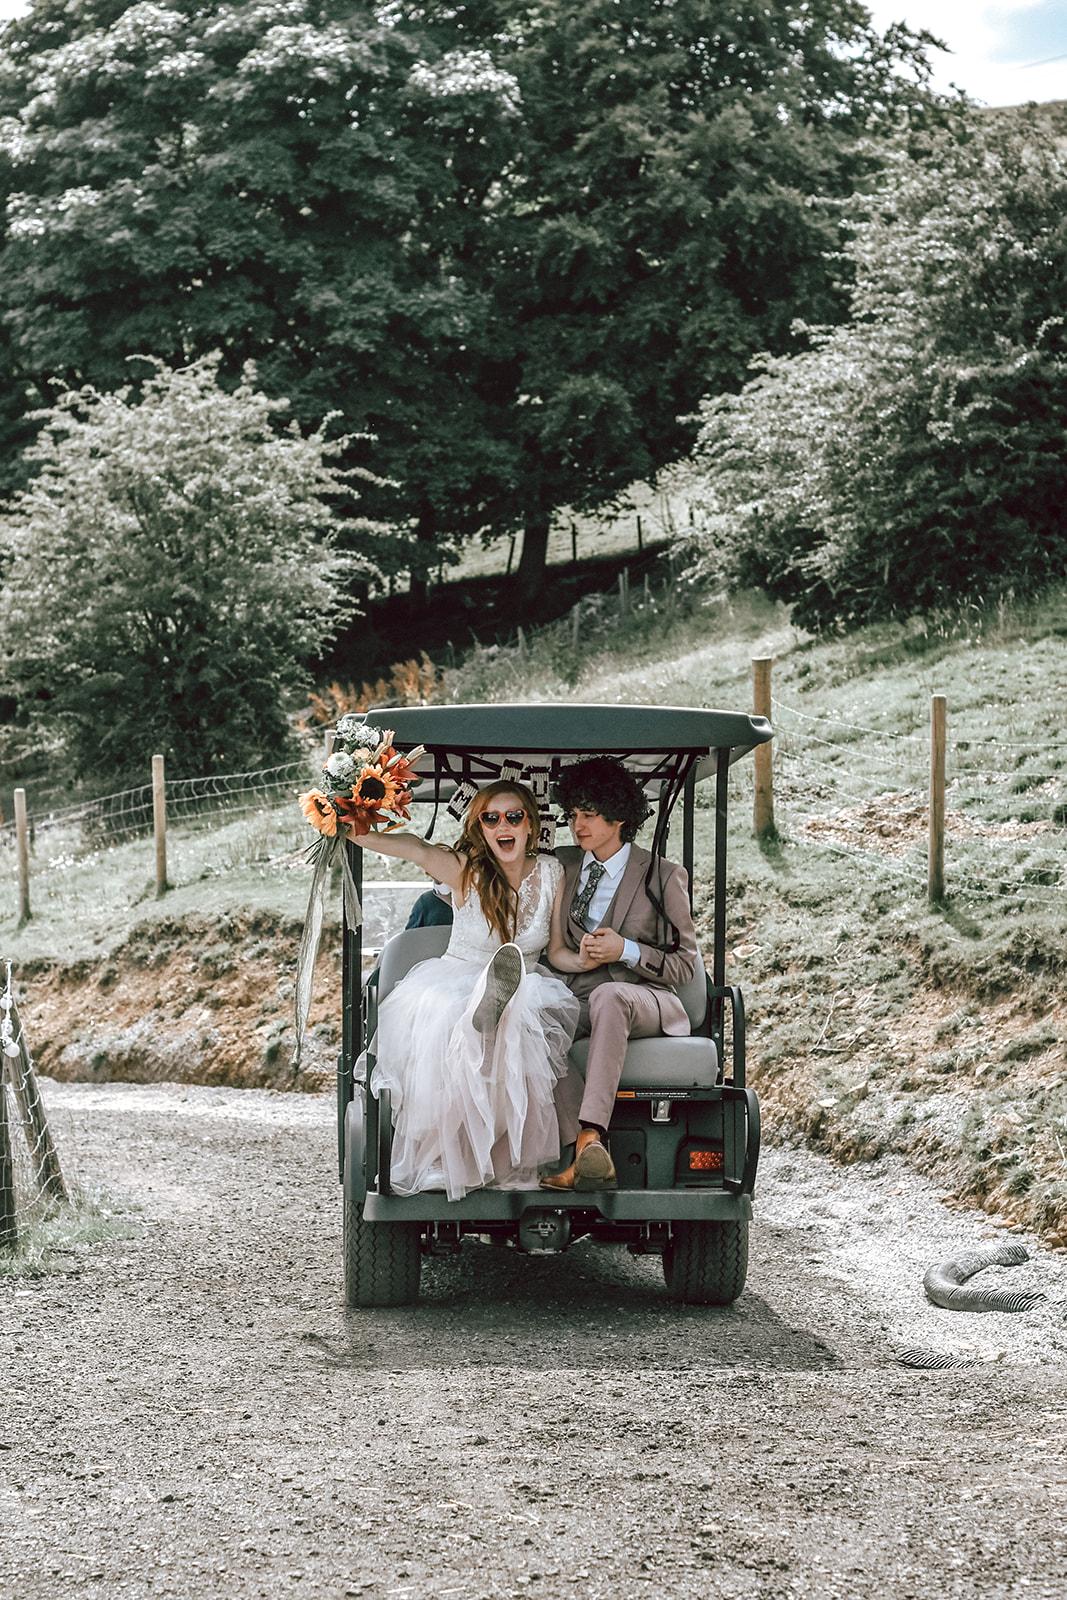 rustic festival wedding - wedding golf buggy - fun wedding ideas